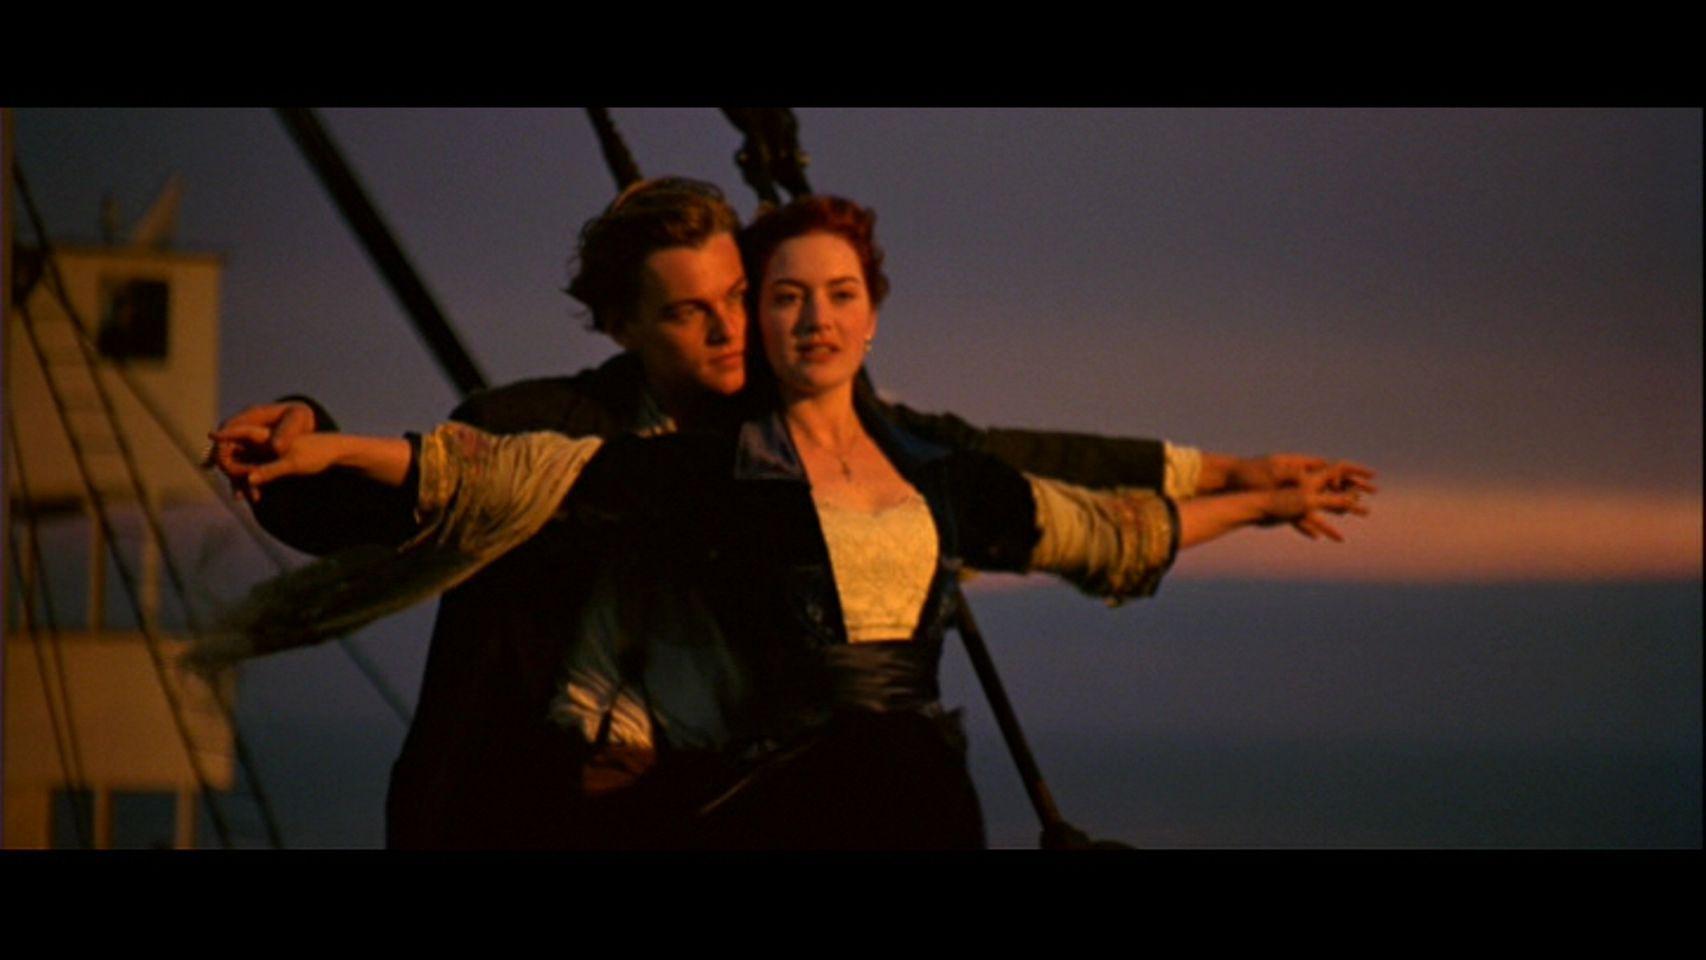 Titanic   Jack Rose   Jack and Rose Image 22328000 1706x960